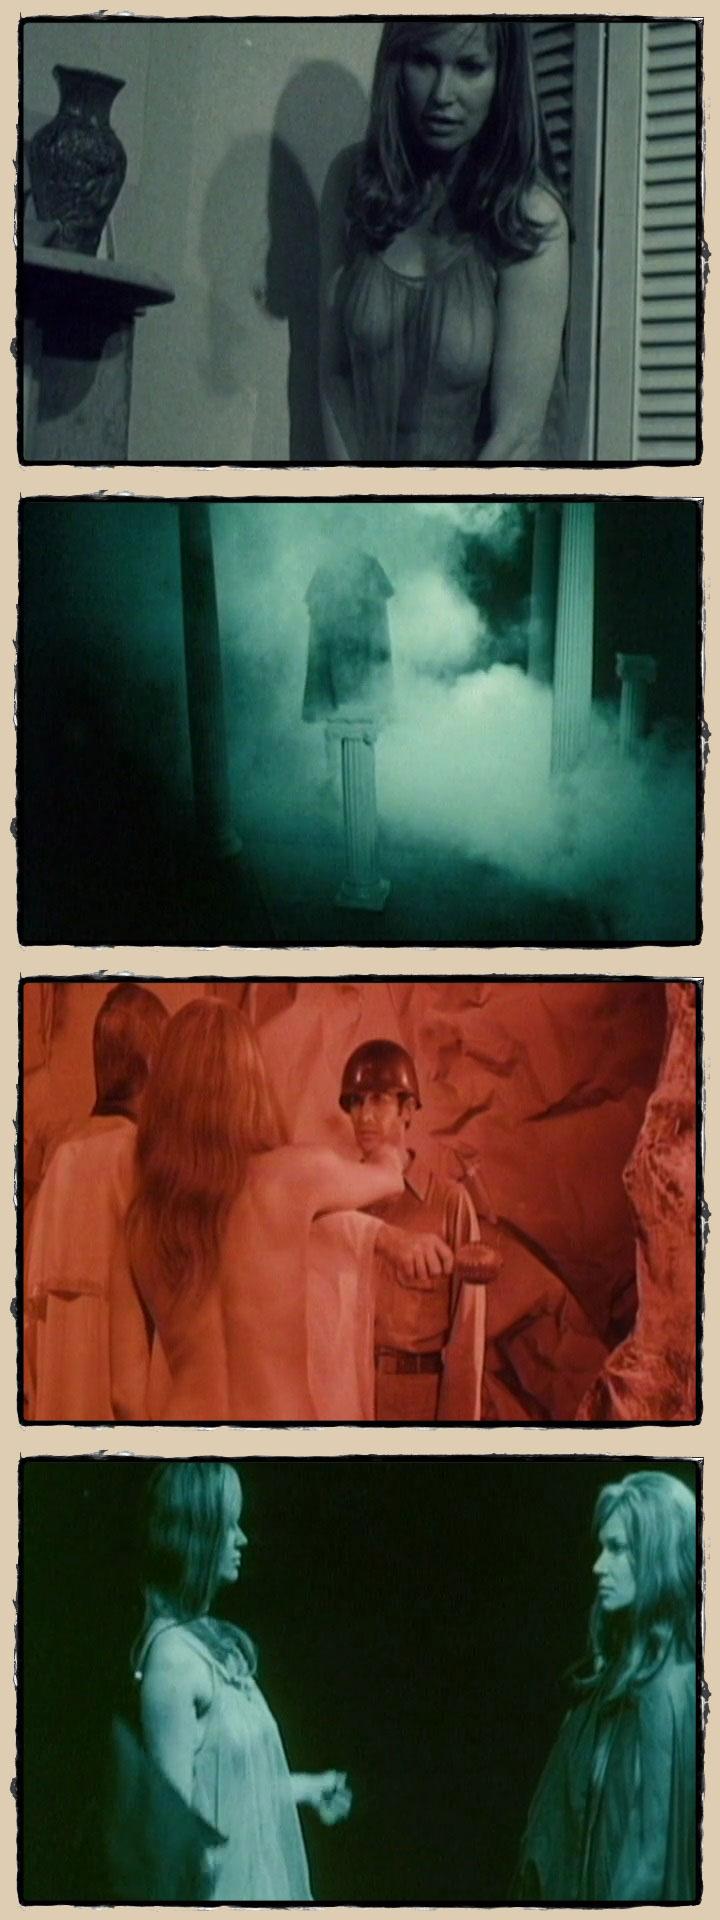 Bacchanale-(1970)